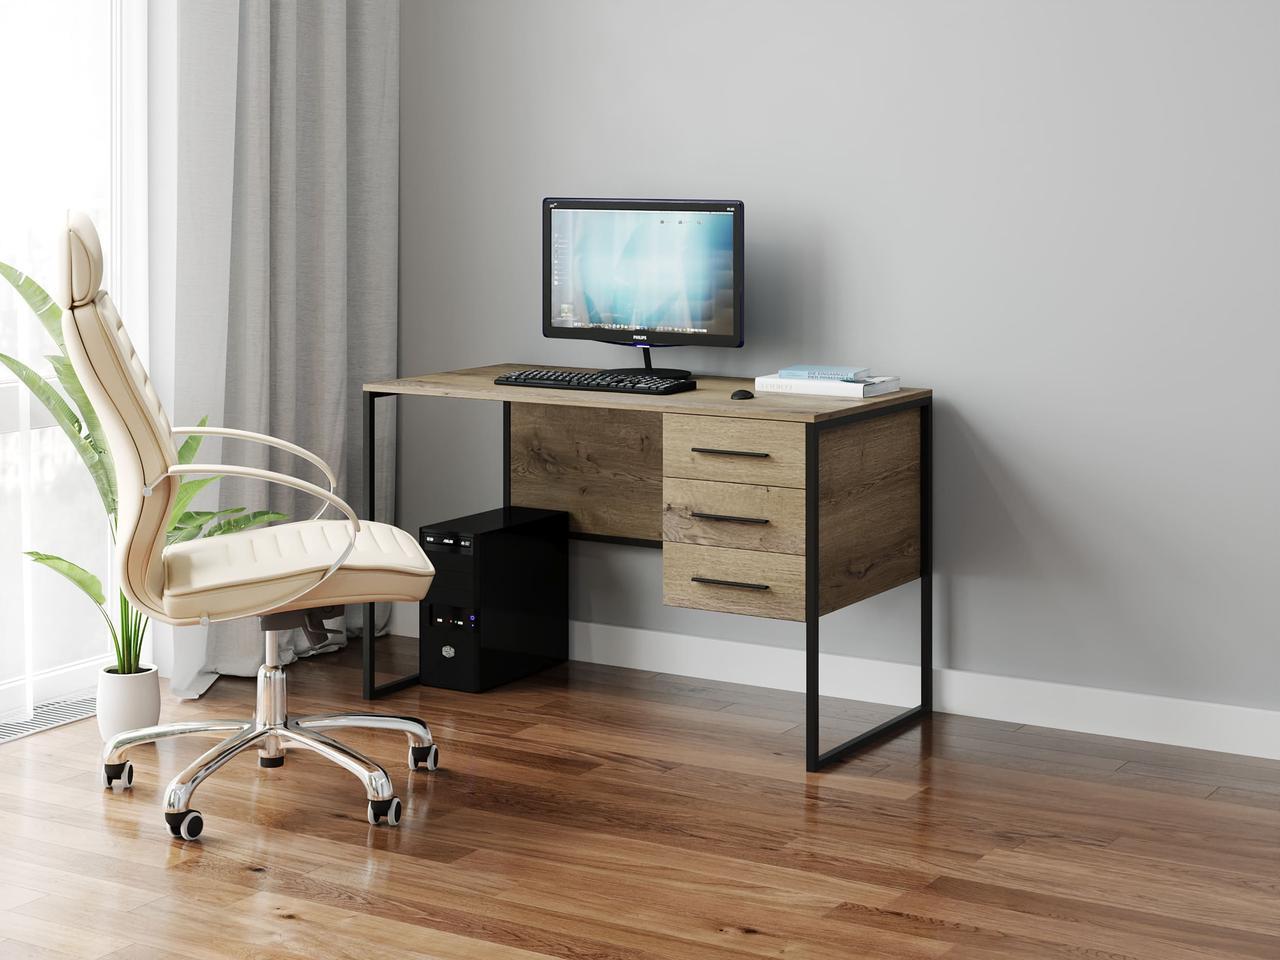 Компьютерный стол лофтовый c 3 ящиками из ДСП Код: VZ-33